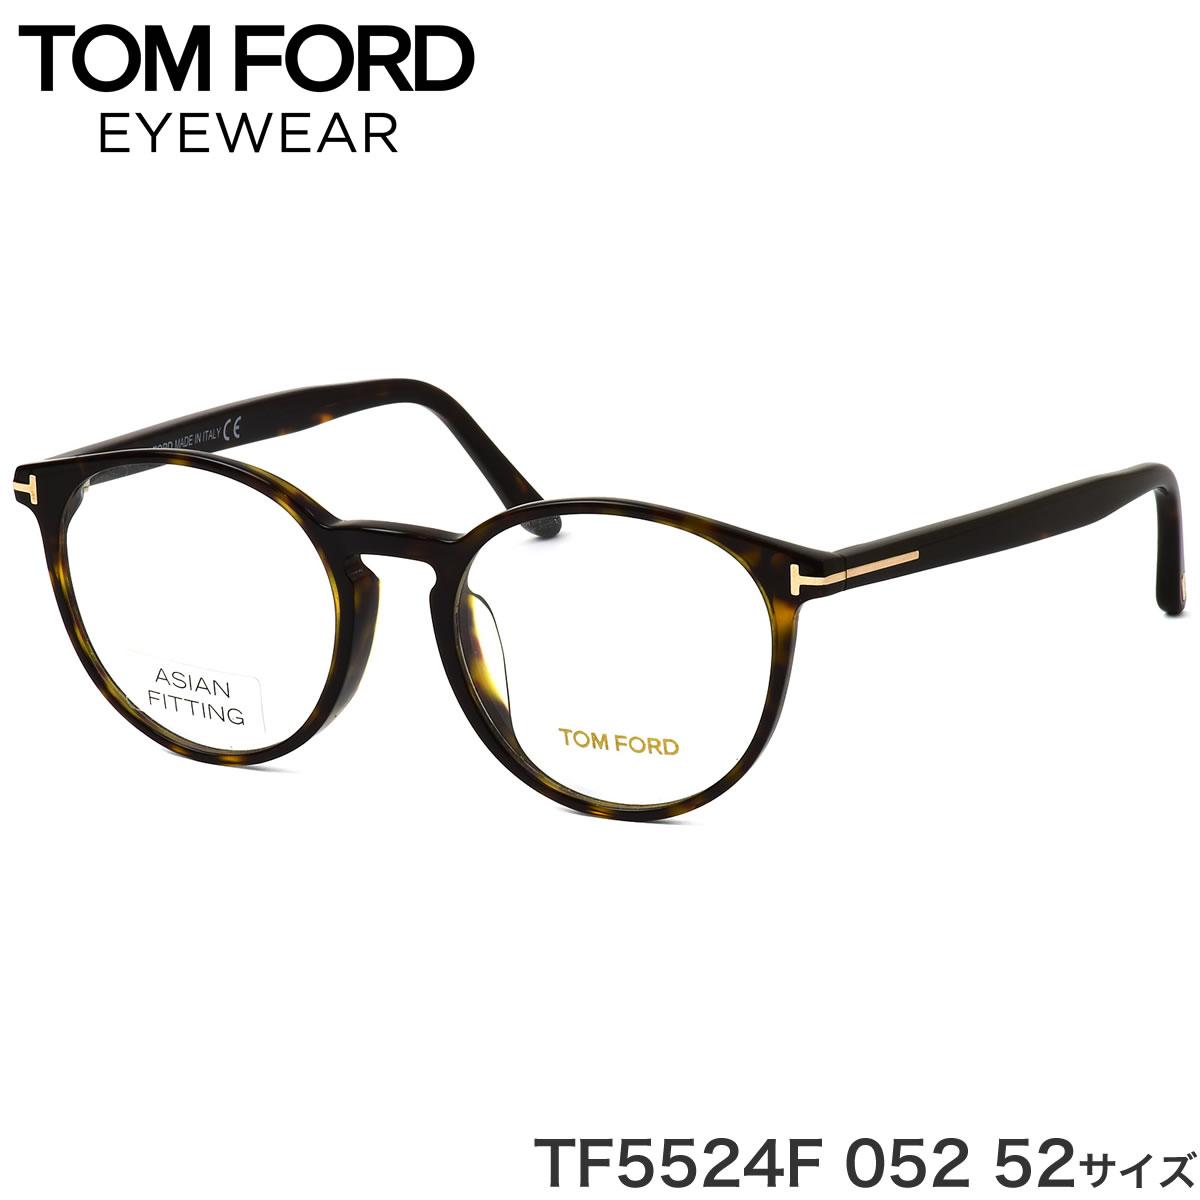 トムフォード TOM FORD メガネ TF5524F 052 52サイズ べっ甲 デミ トータス レトロ クラシック made in Italy TOMFORD メンズ レディース